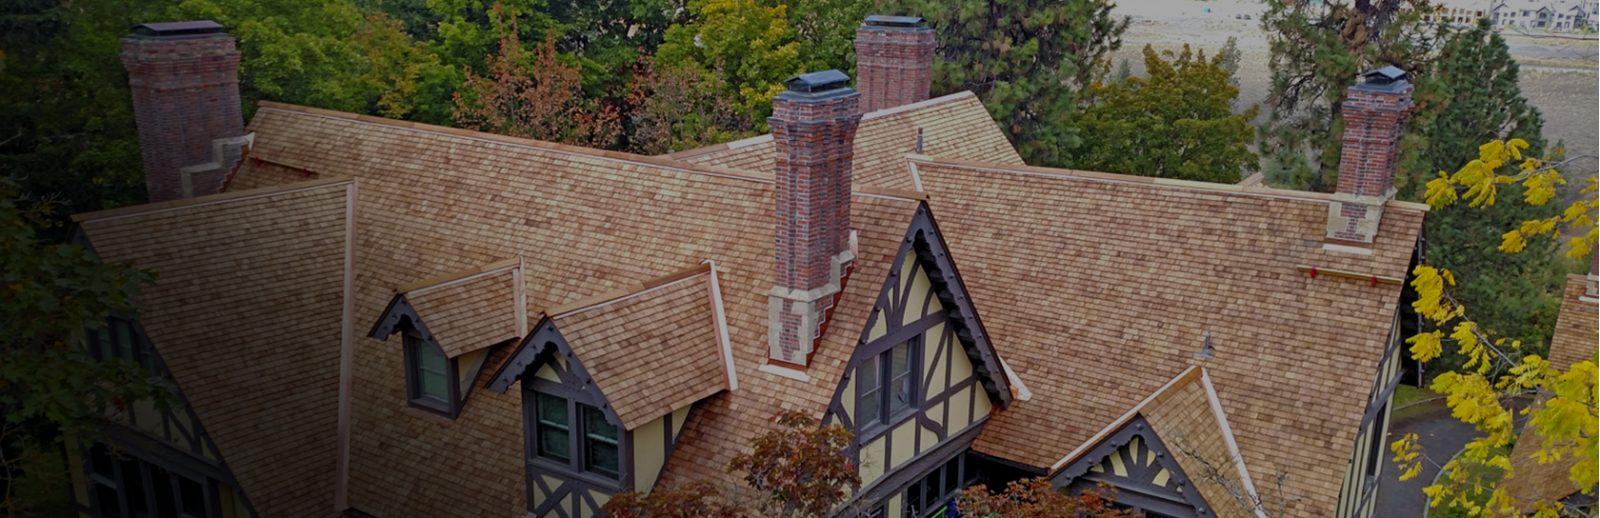 cedar roof on a house